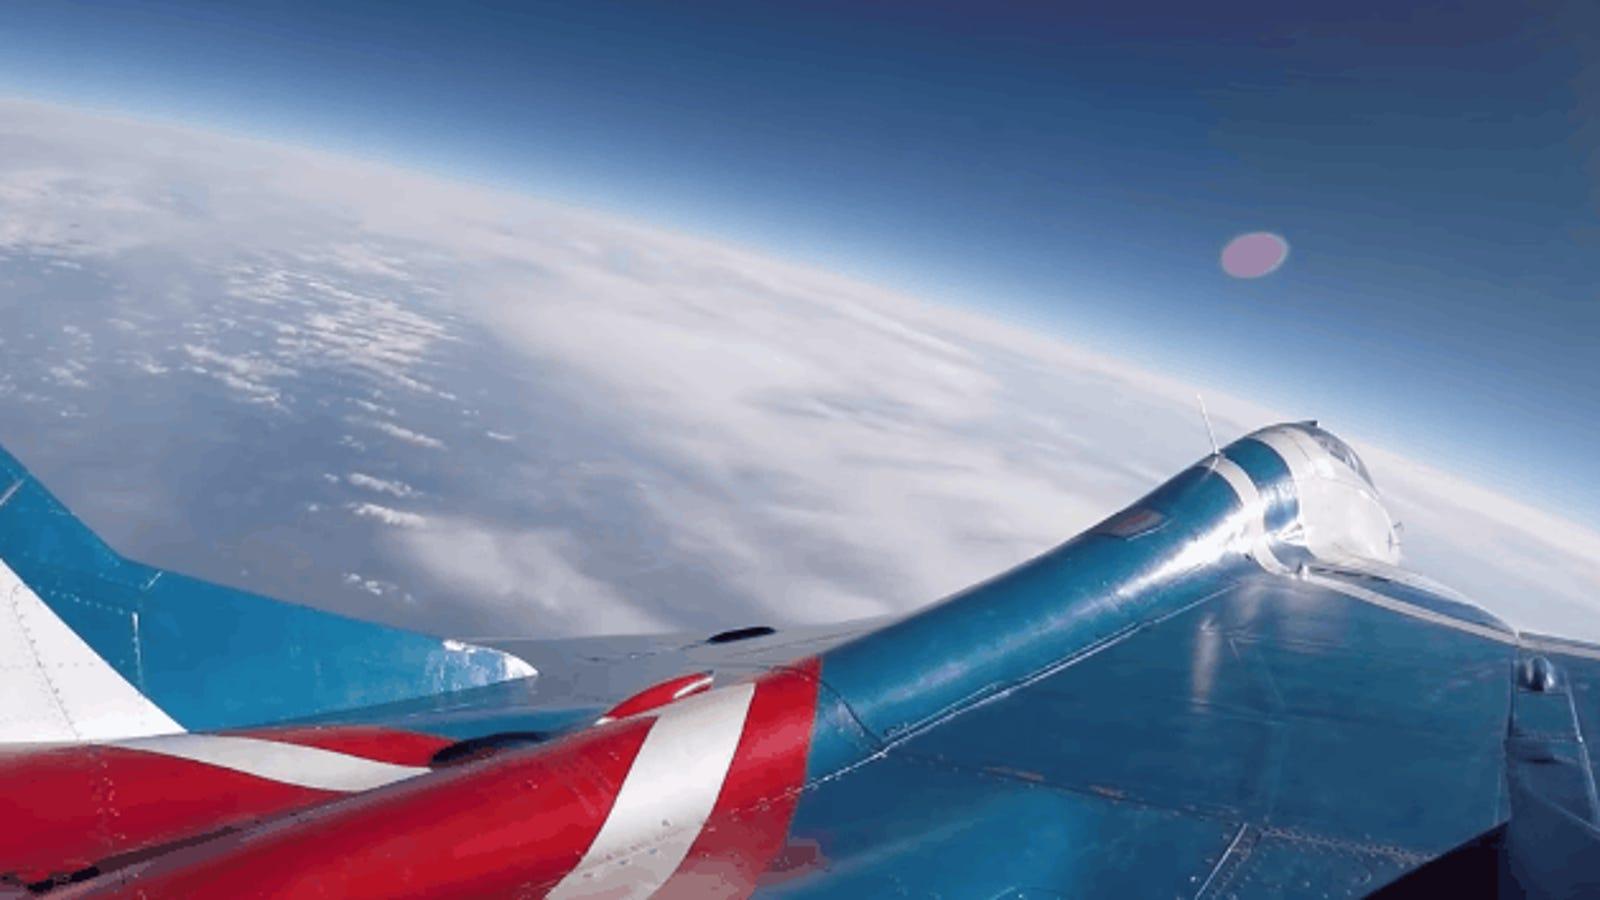 Cómo es volar un avión caza MiG-29 hasta la estratósfera, la frontera del espacio